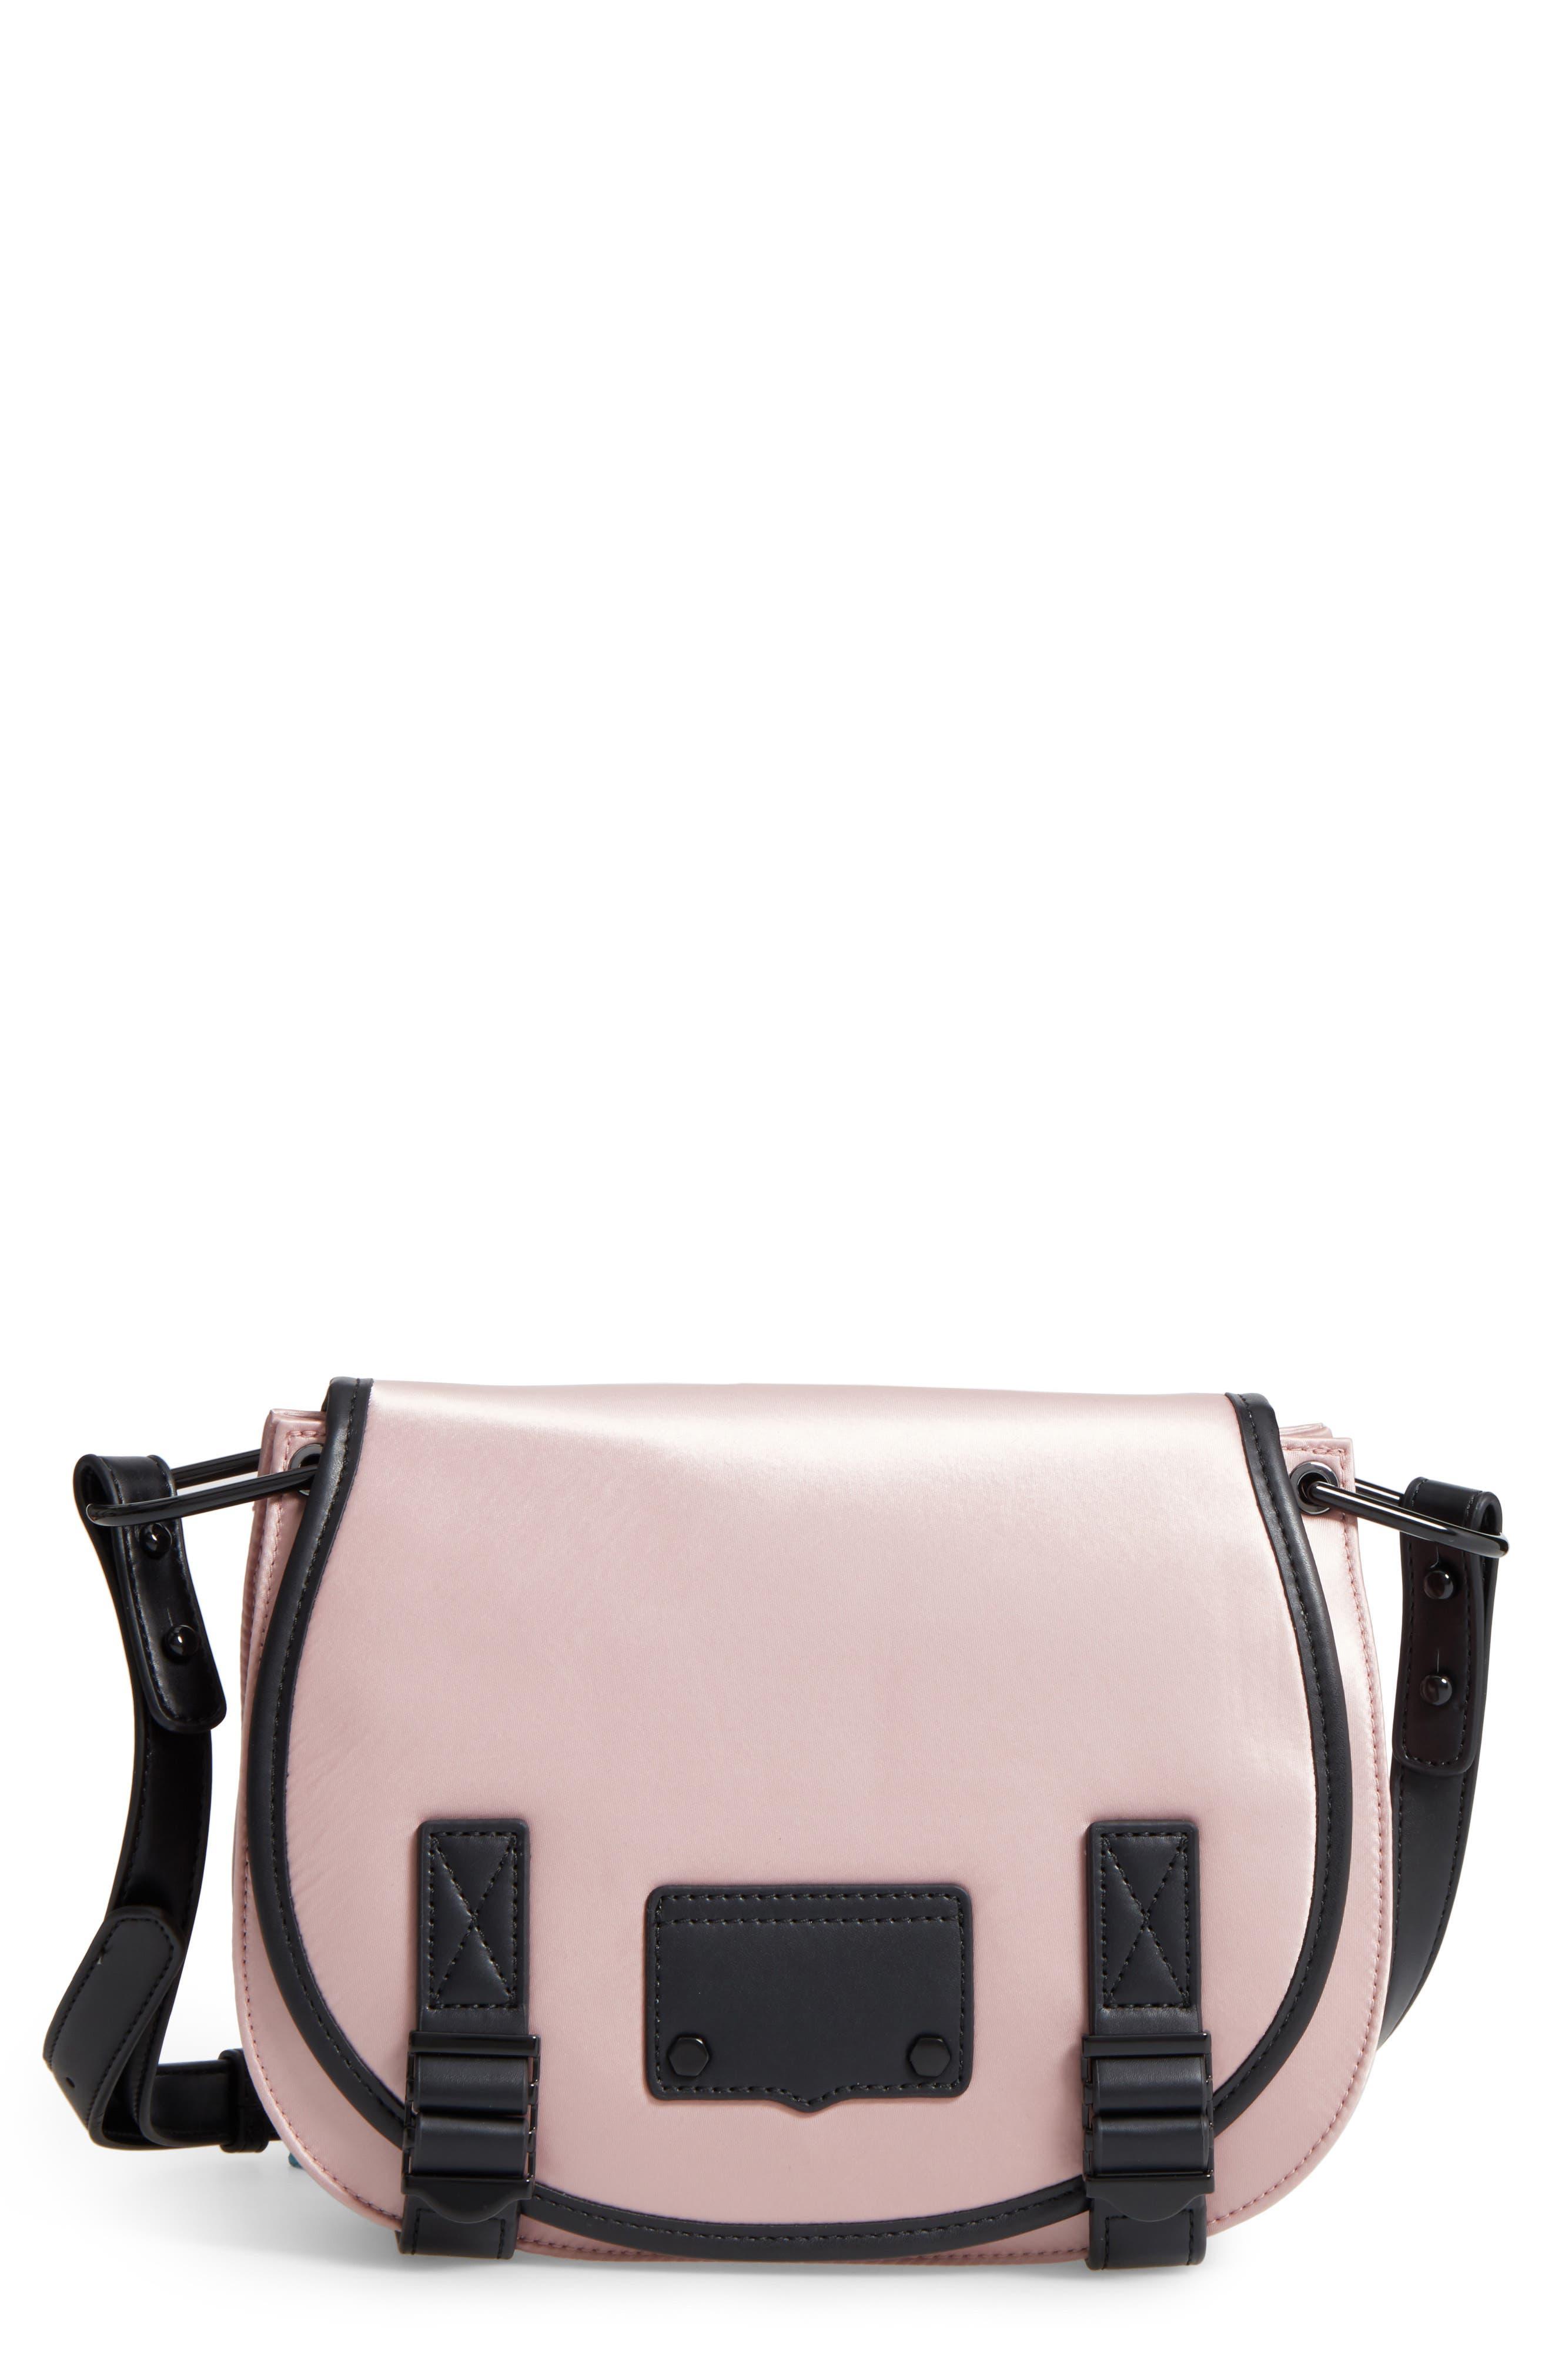 Rebecca Minkoff Military Satin Nylon Saddle Bag